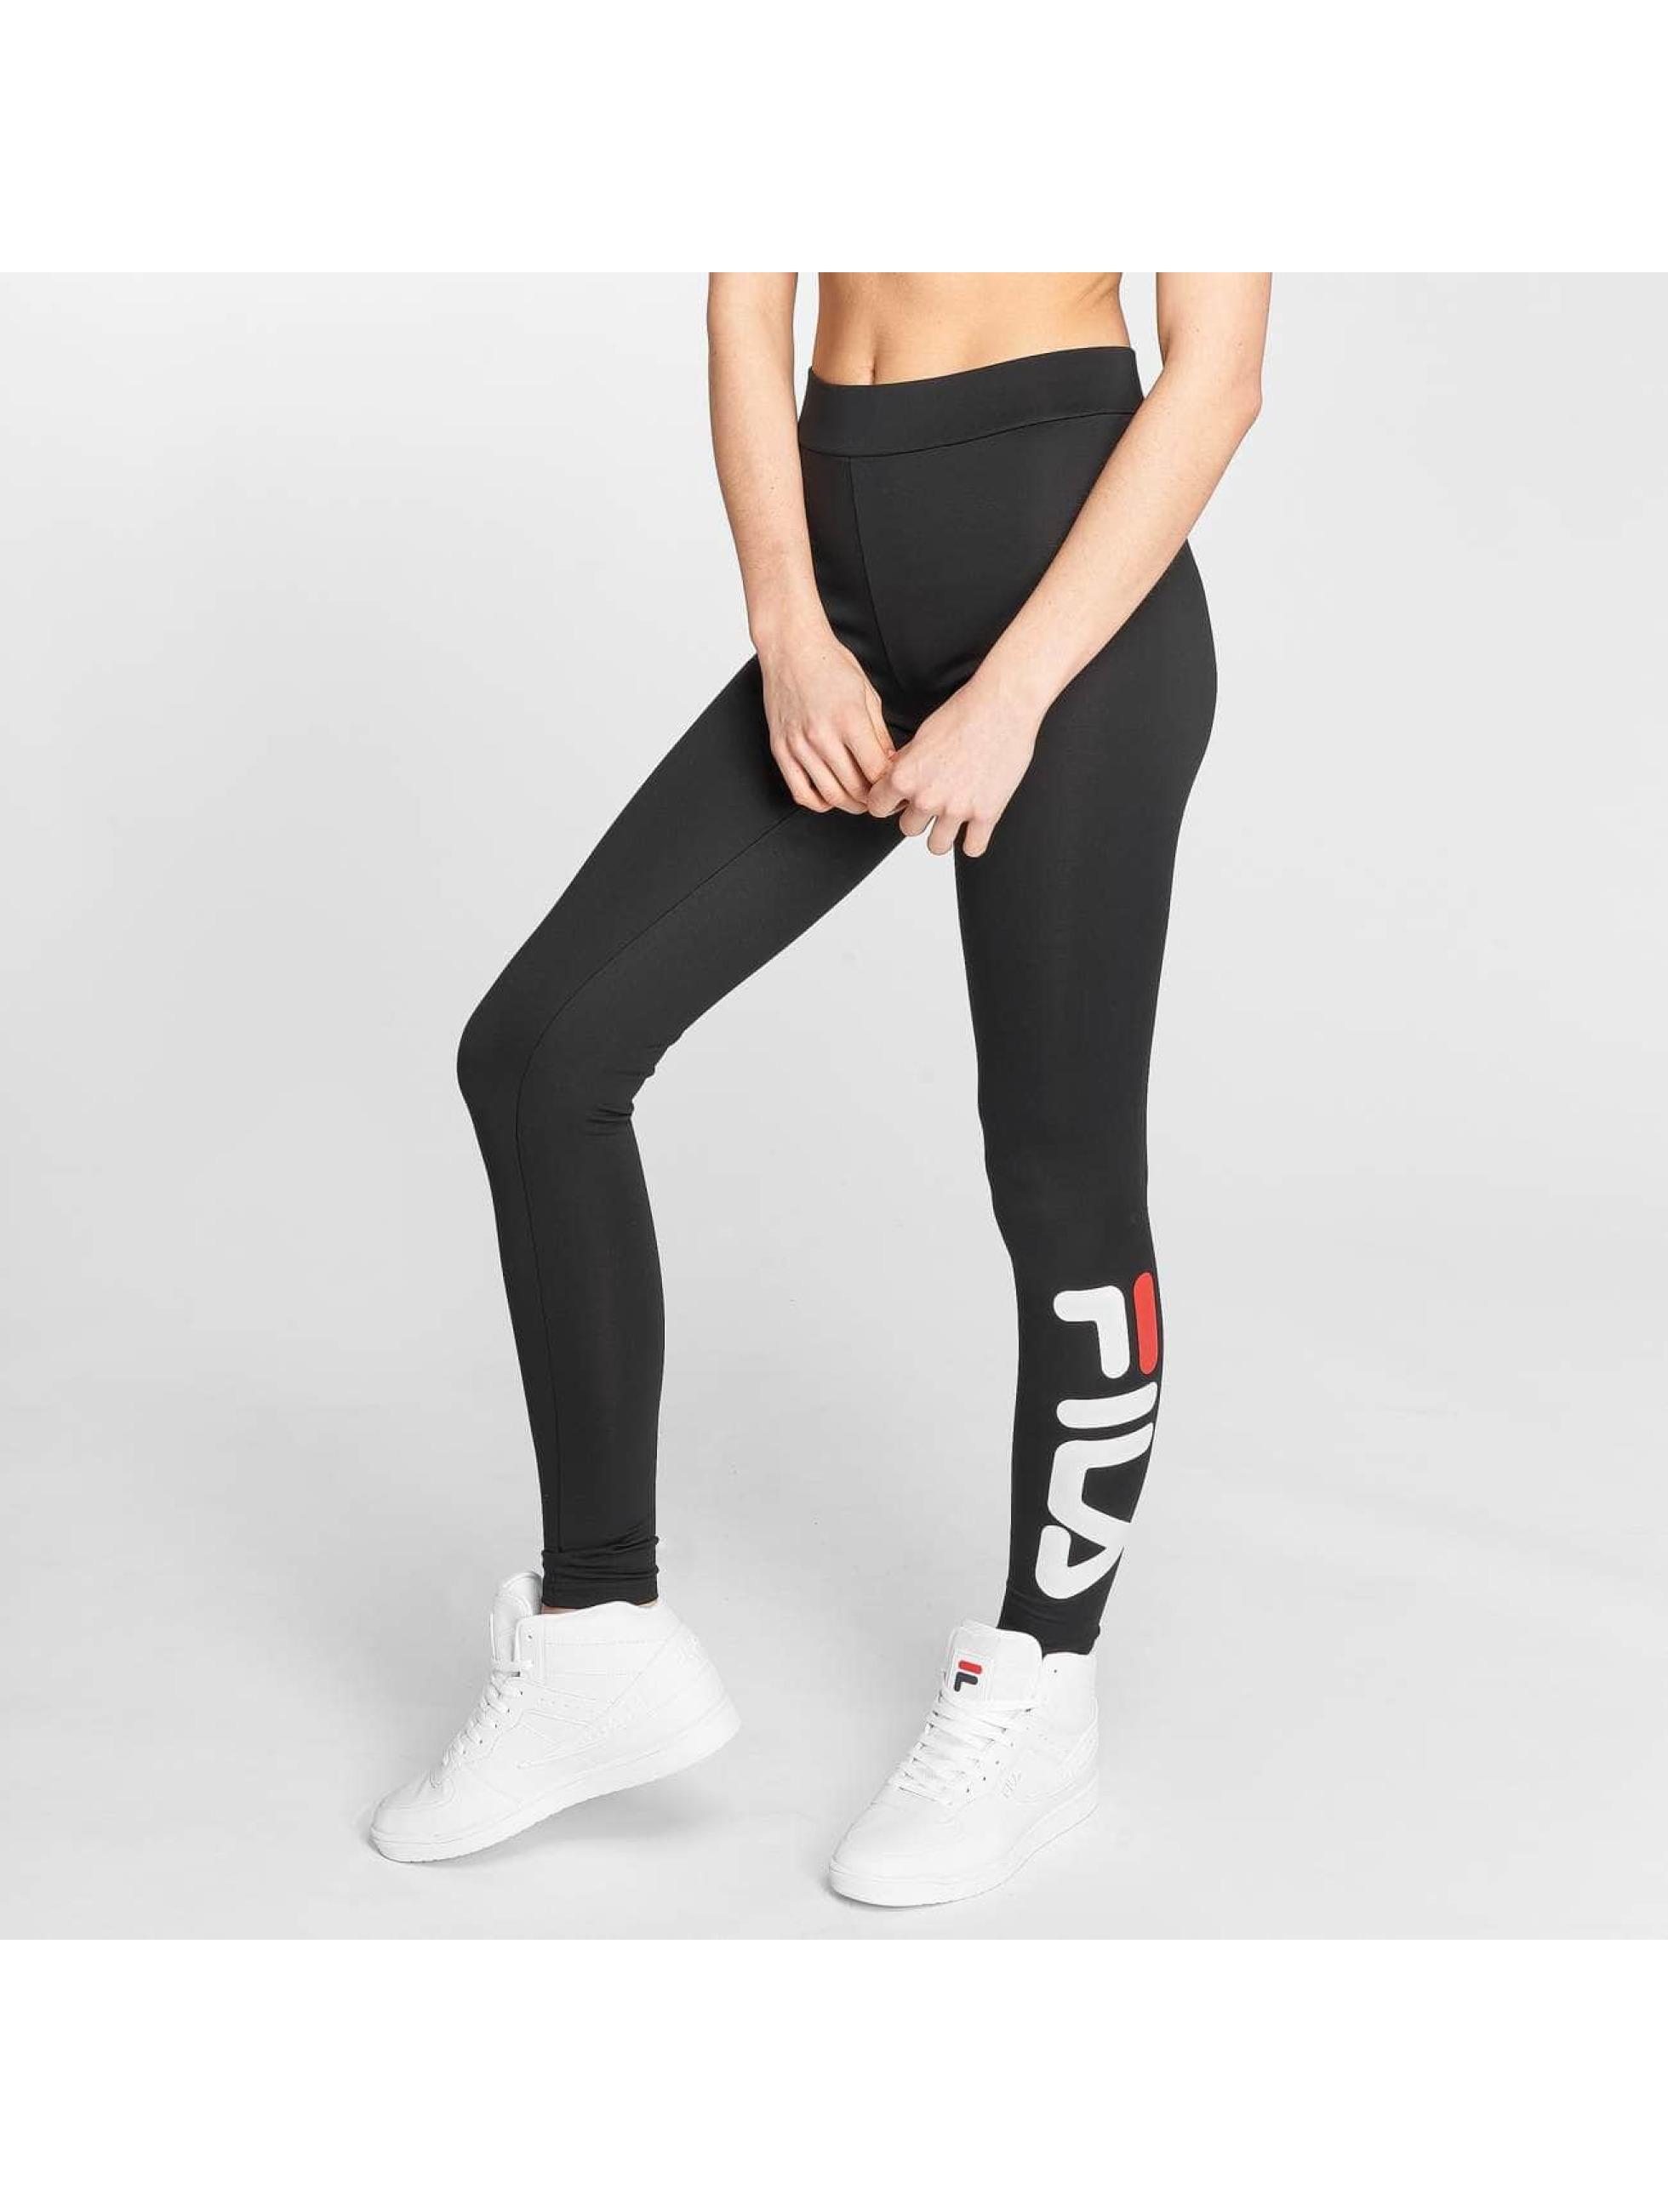 FILA Legging Petite Flex 2.0 schwarz